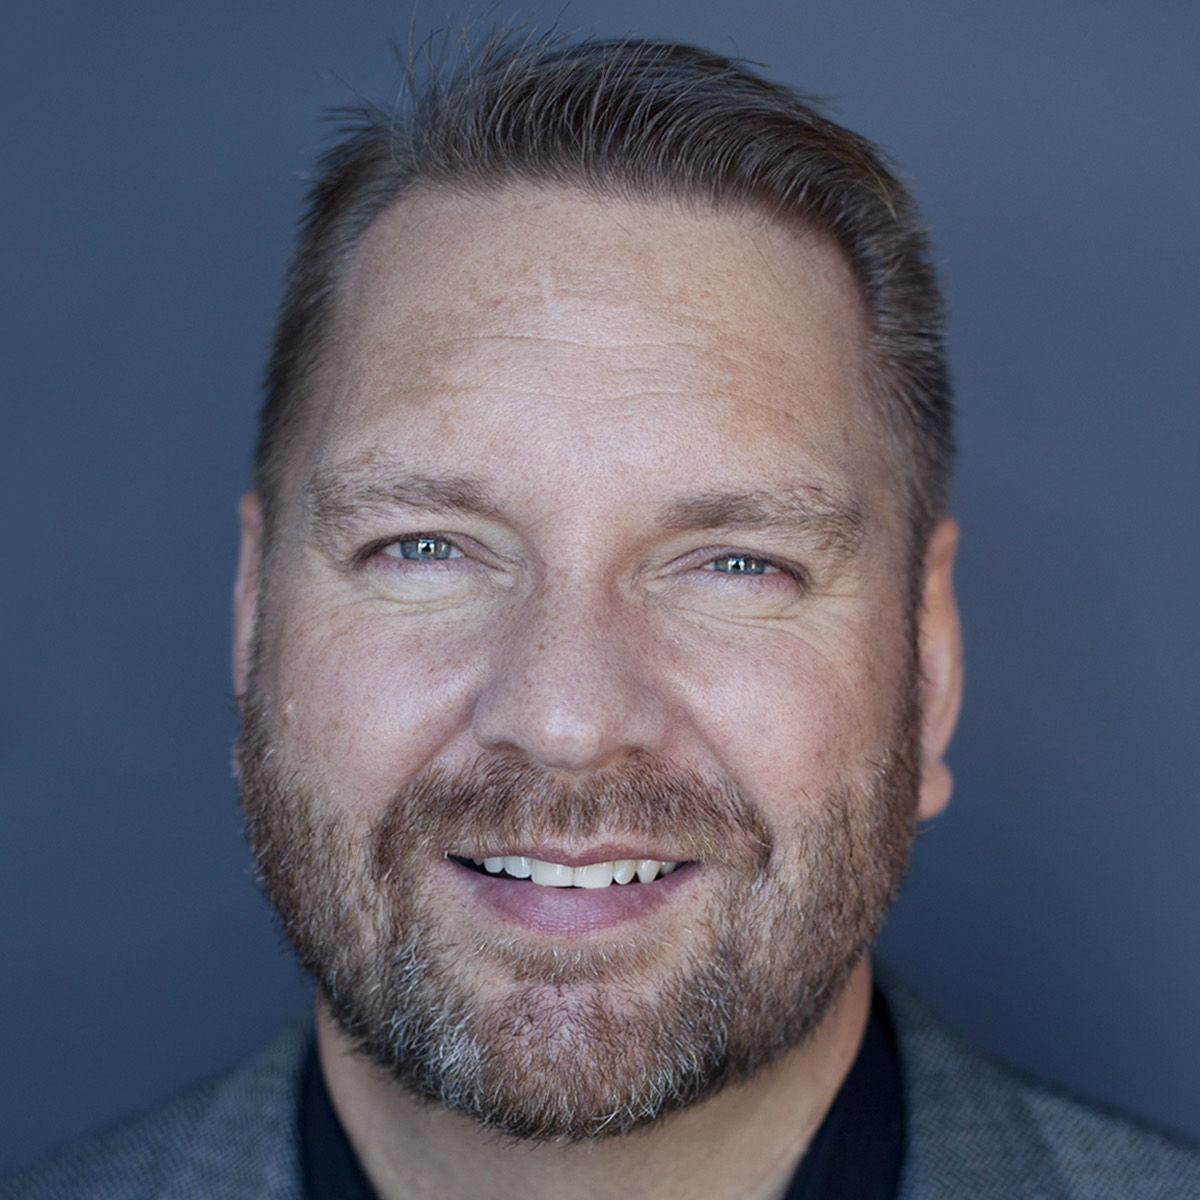 Globale guruer: De bedste råd til CMO'er